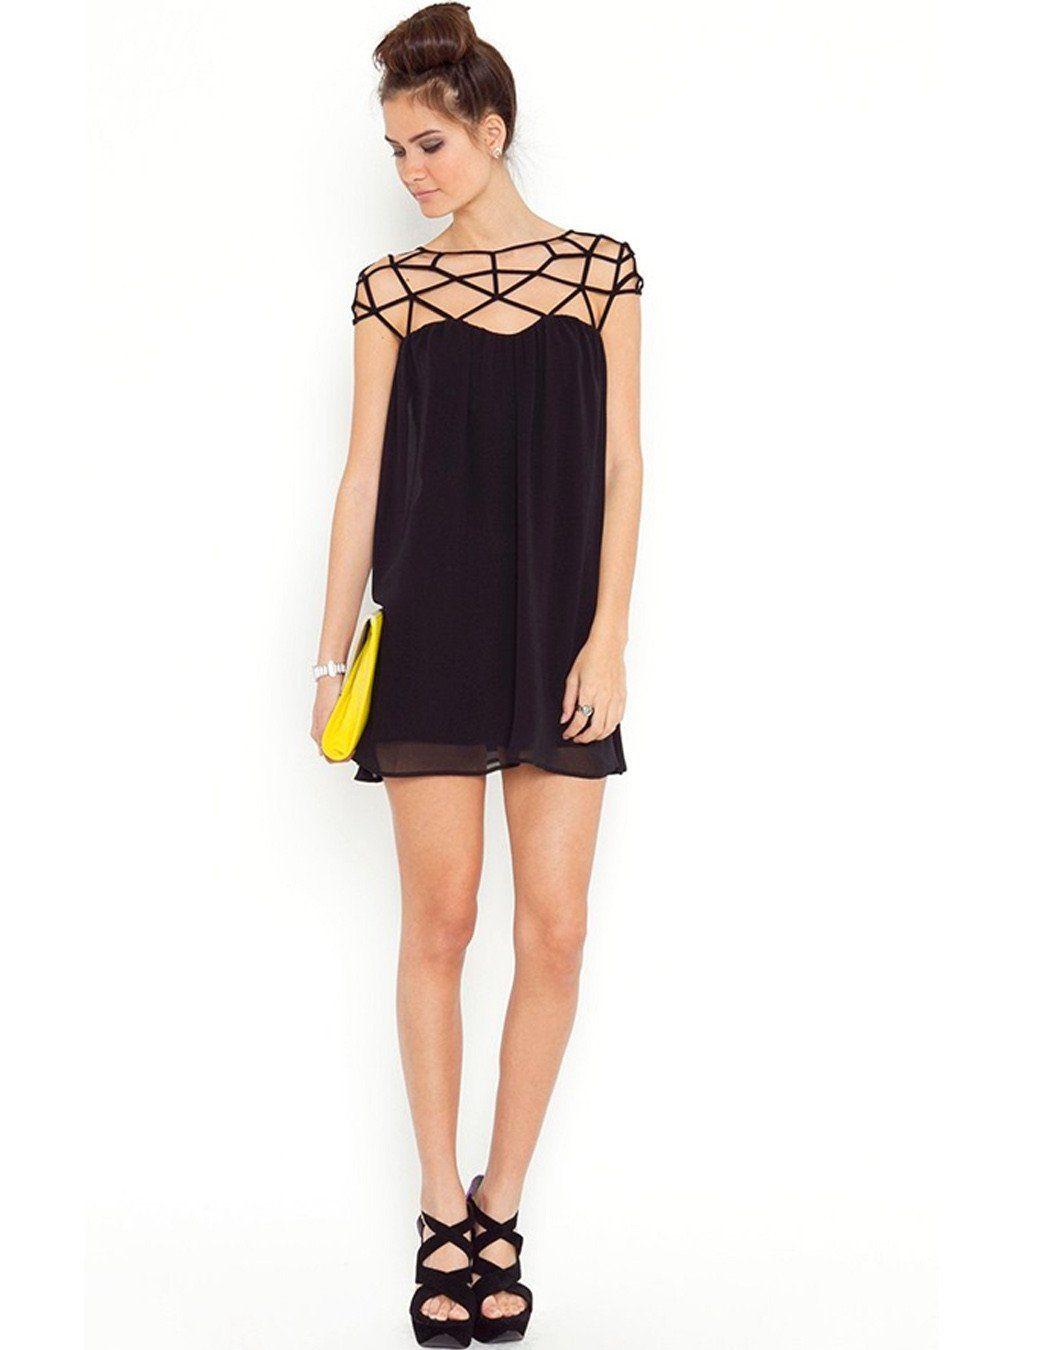 Miami Hollow Out Mini Dress